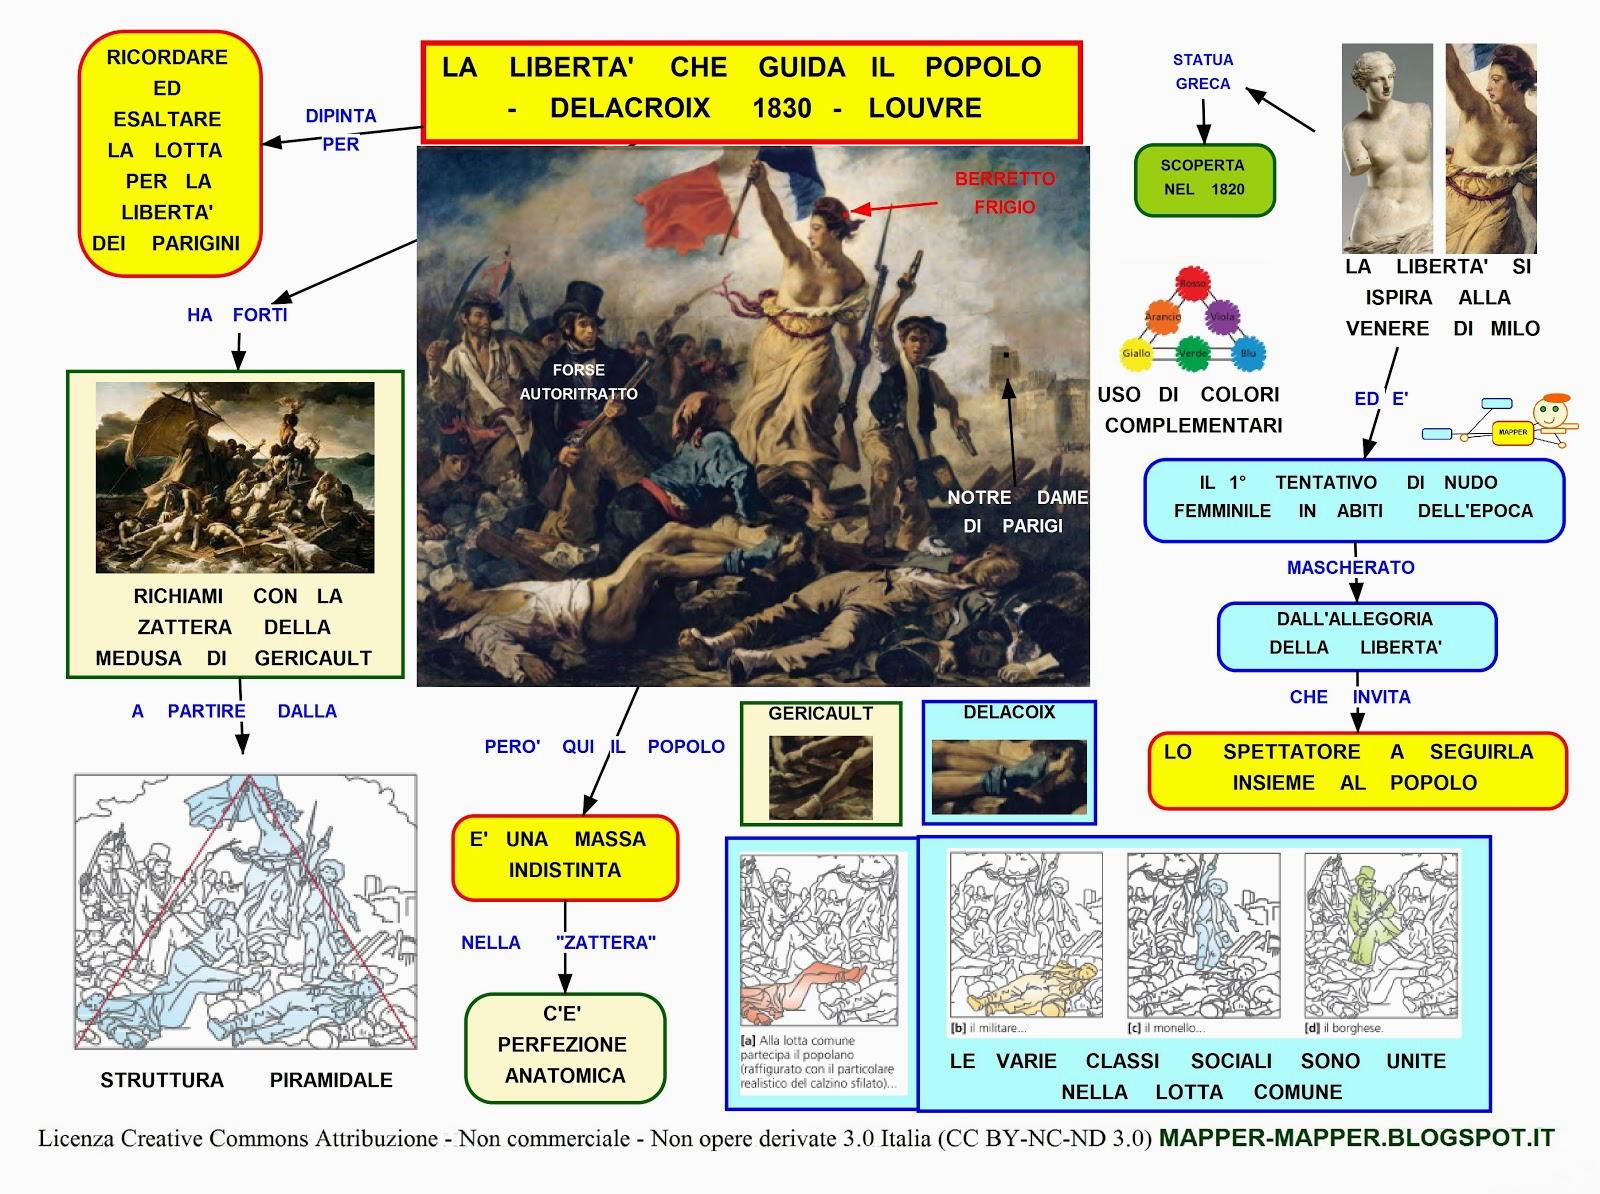 mappa concettuale delacroix la liberta che guida il popolo